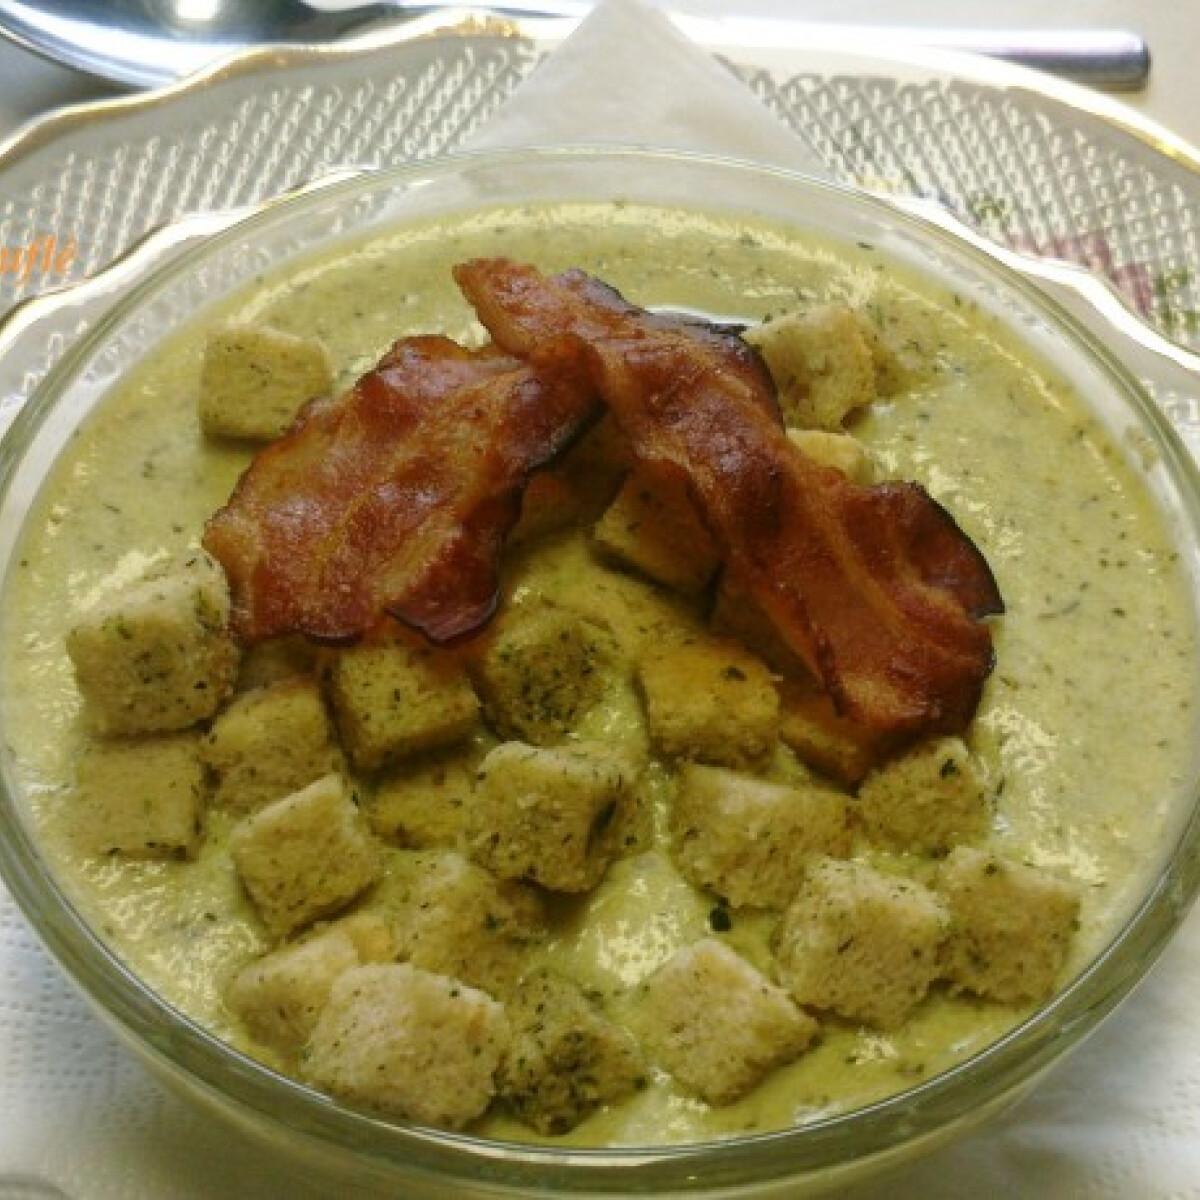 Kovászosuborka-krémleves baconchips-szel